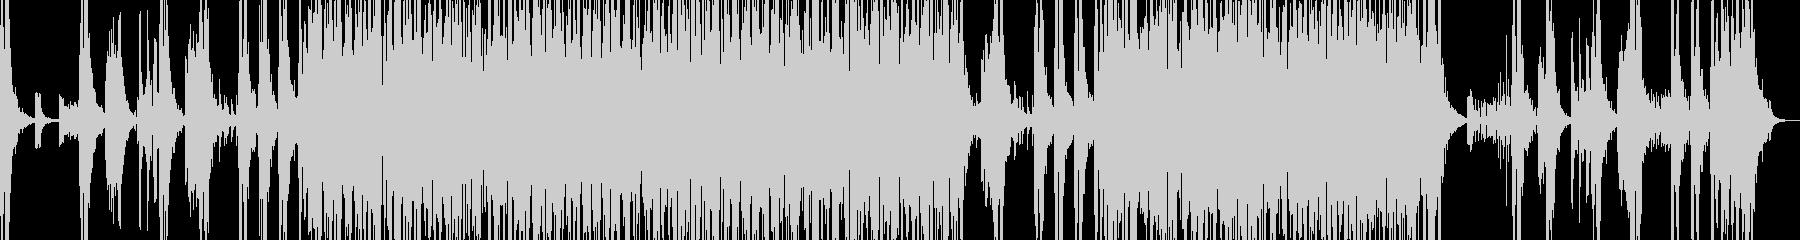 和太鼓等のリズムアンサンブルの未再生の波形